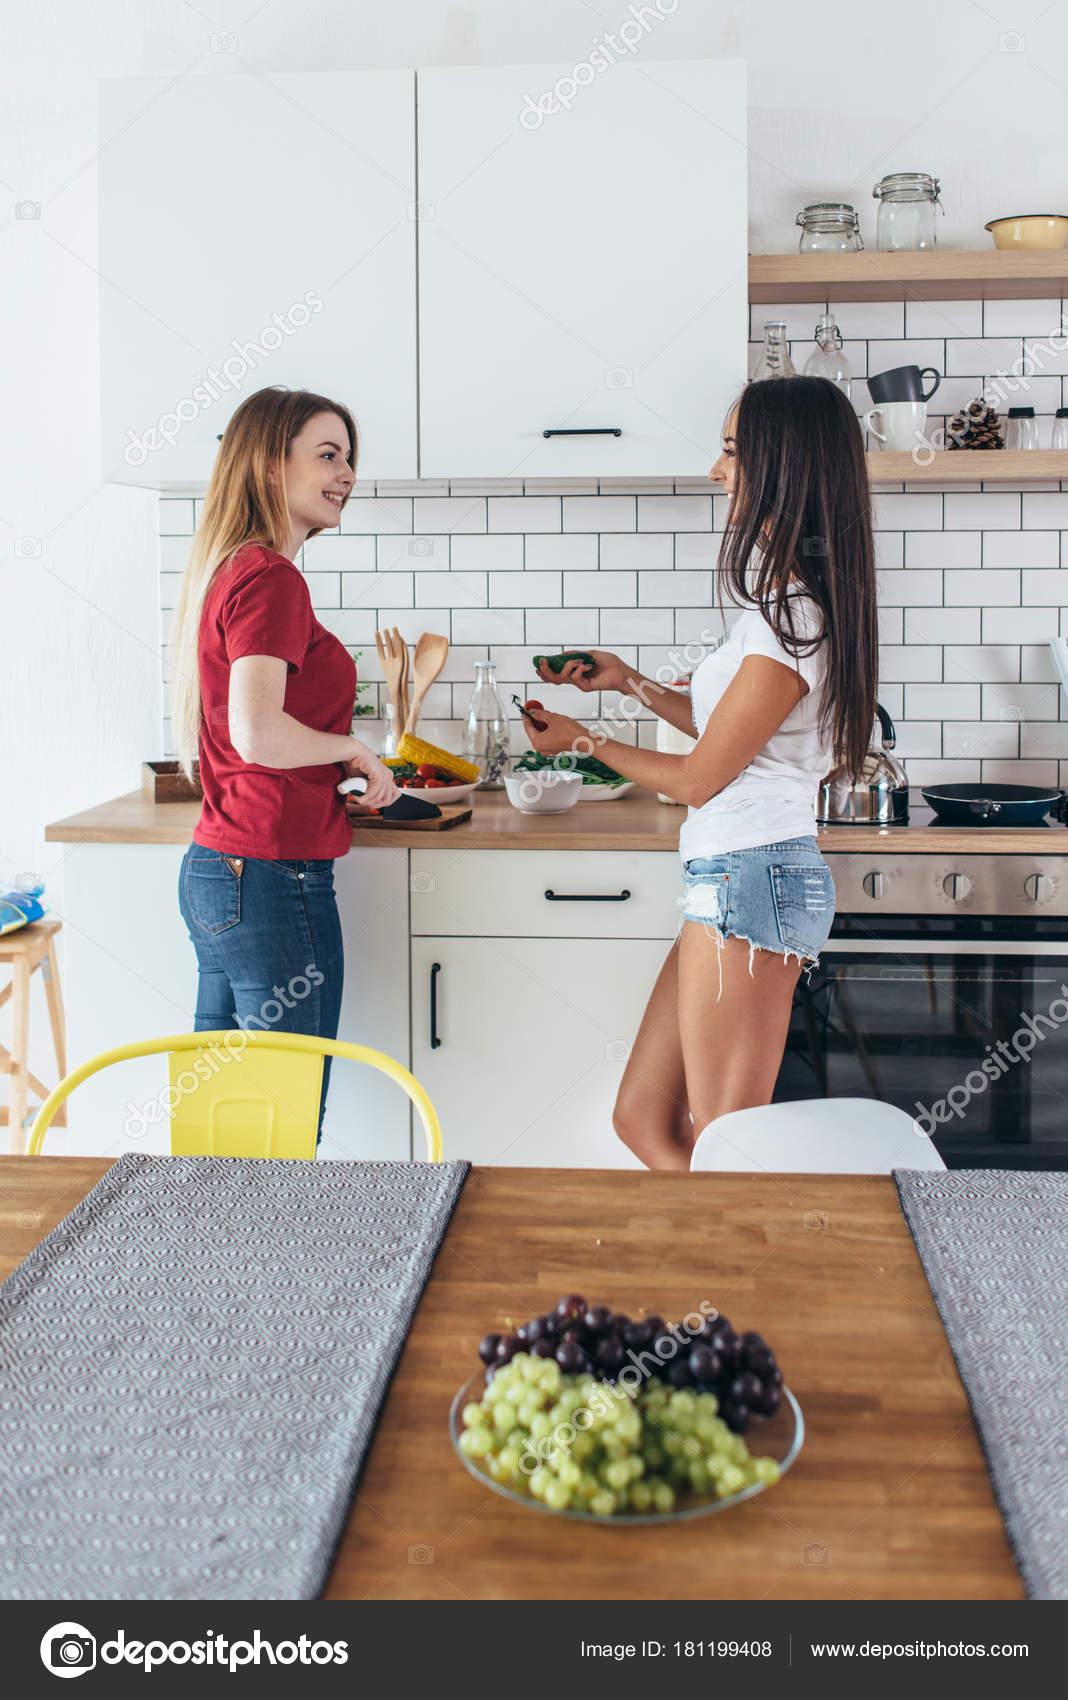 Dos mujeres en la cocina cocina hablando de preparación de